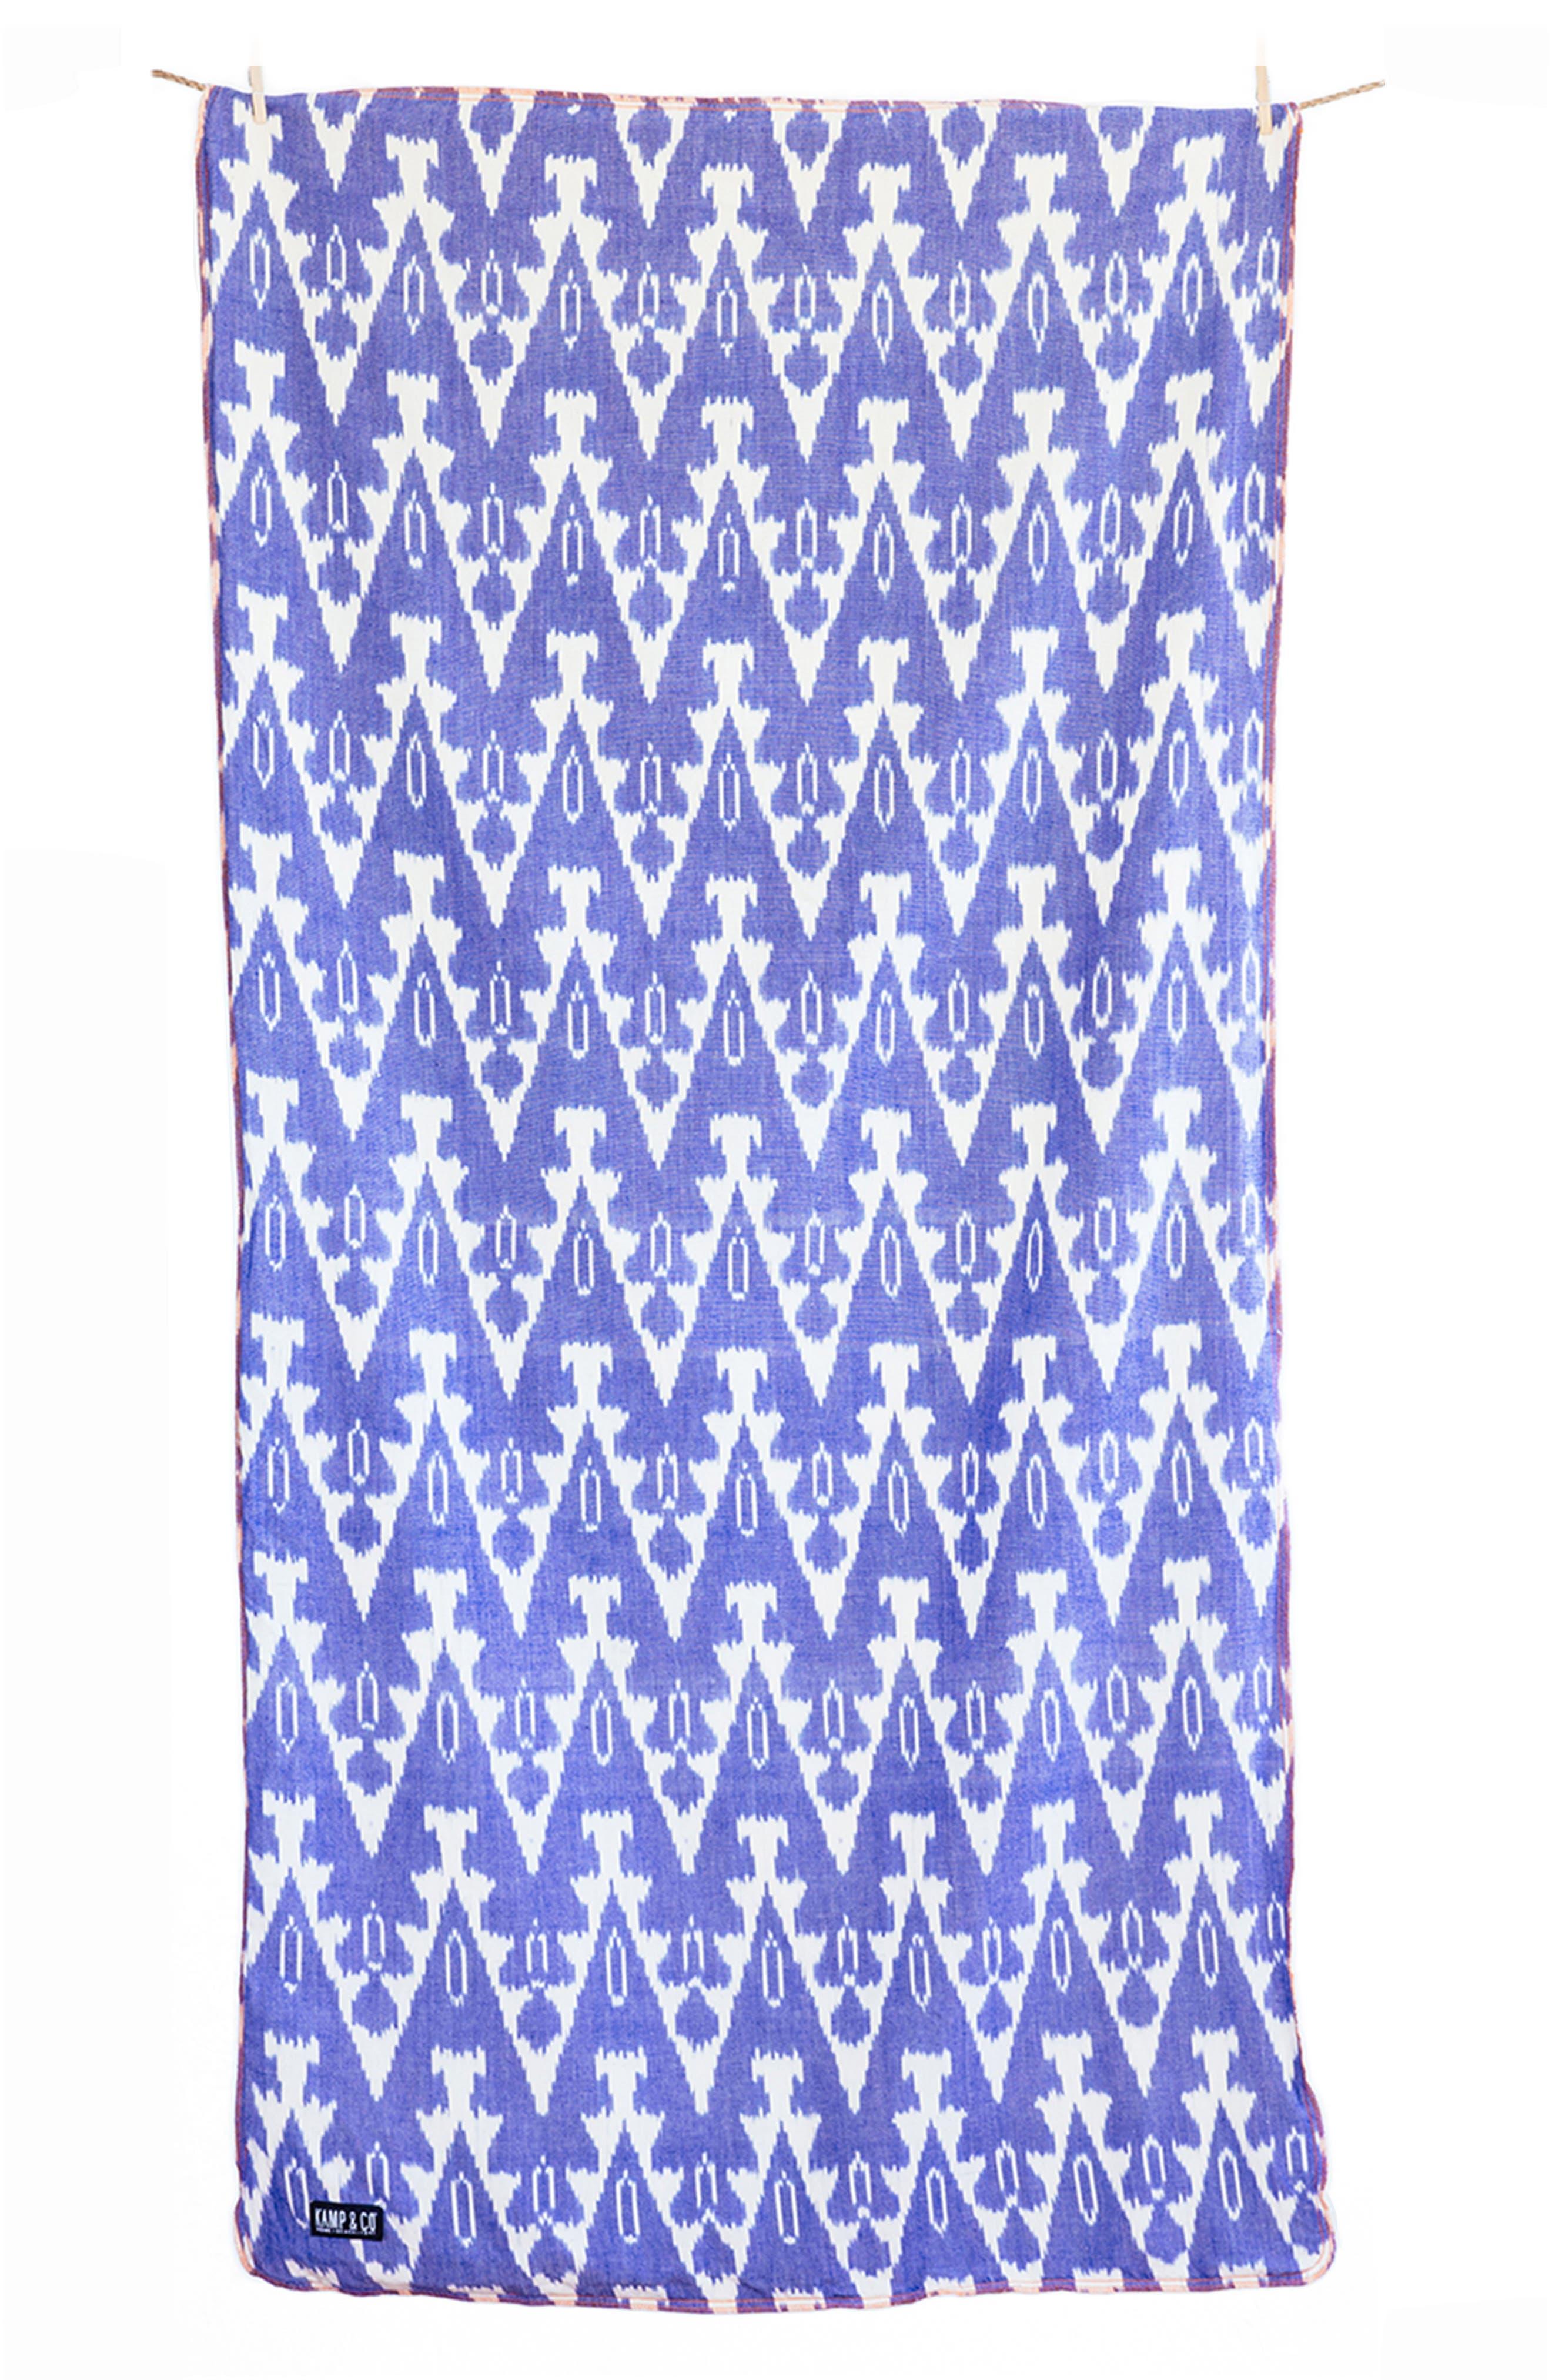 Kamp & Co. Torrey Kamp Towel,                         Main,                         color,